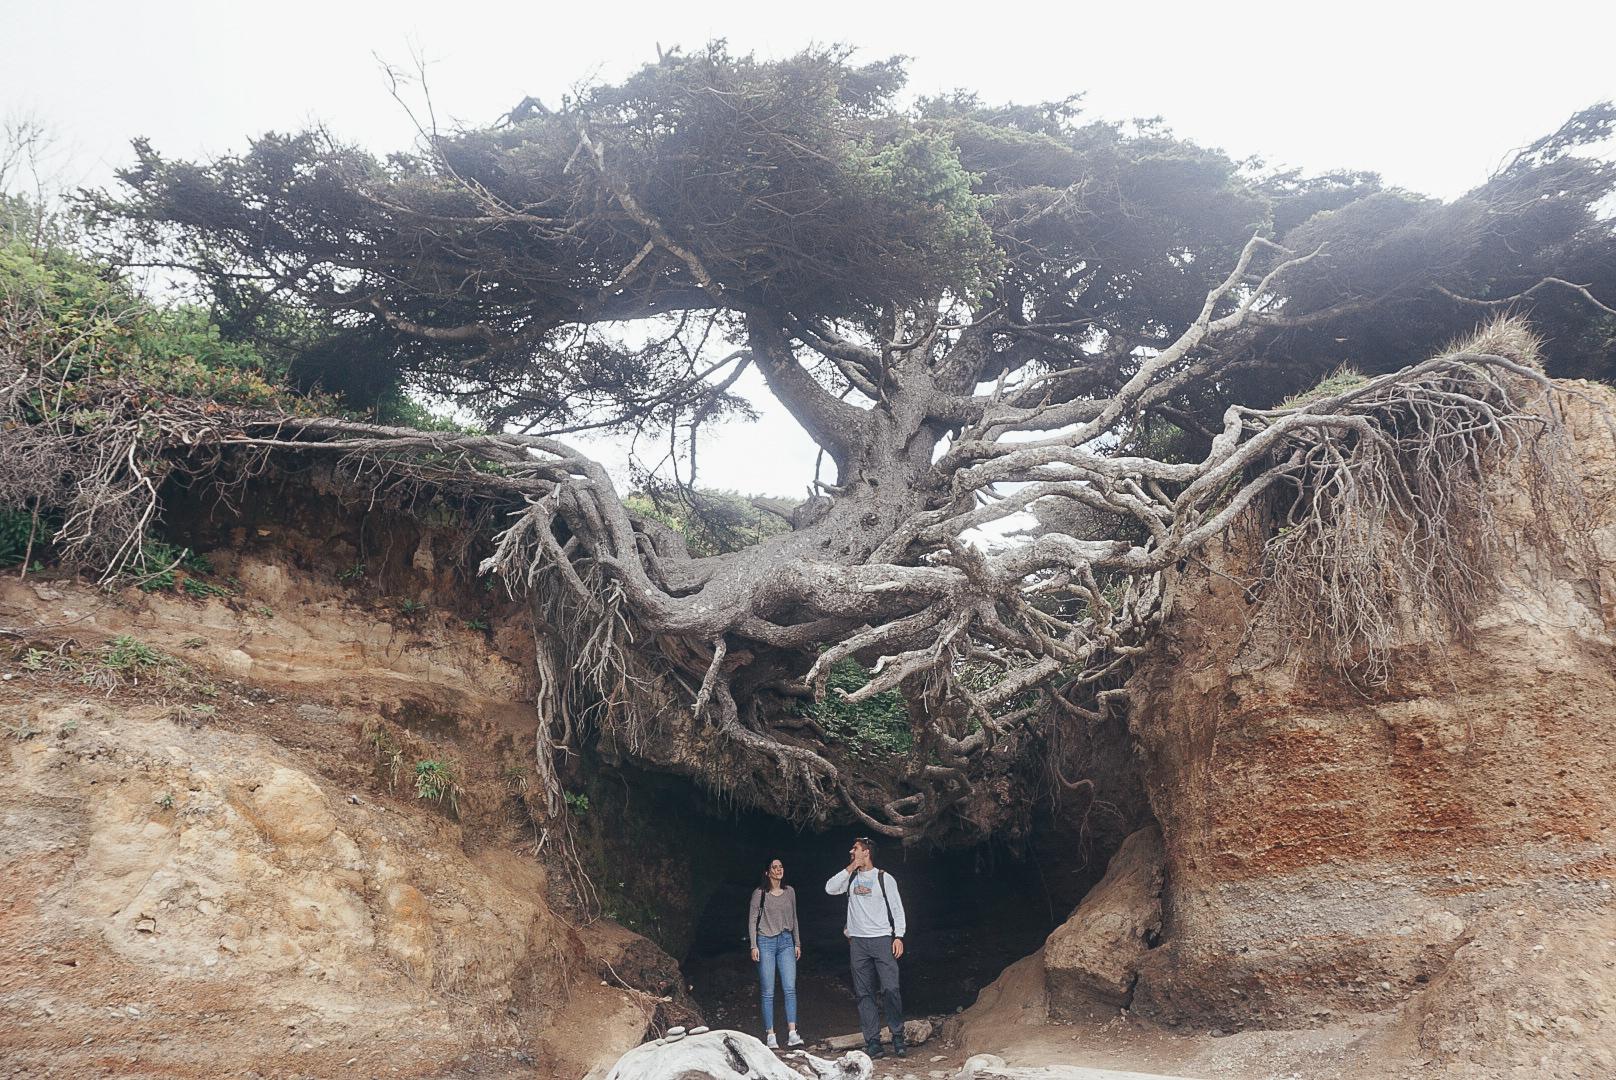 Tree of Life - May 2018